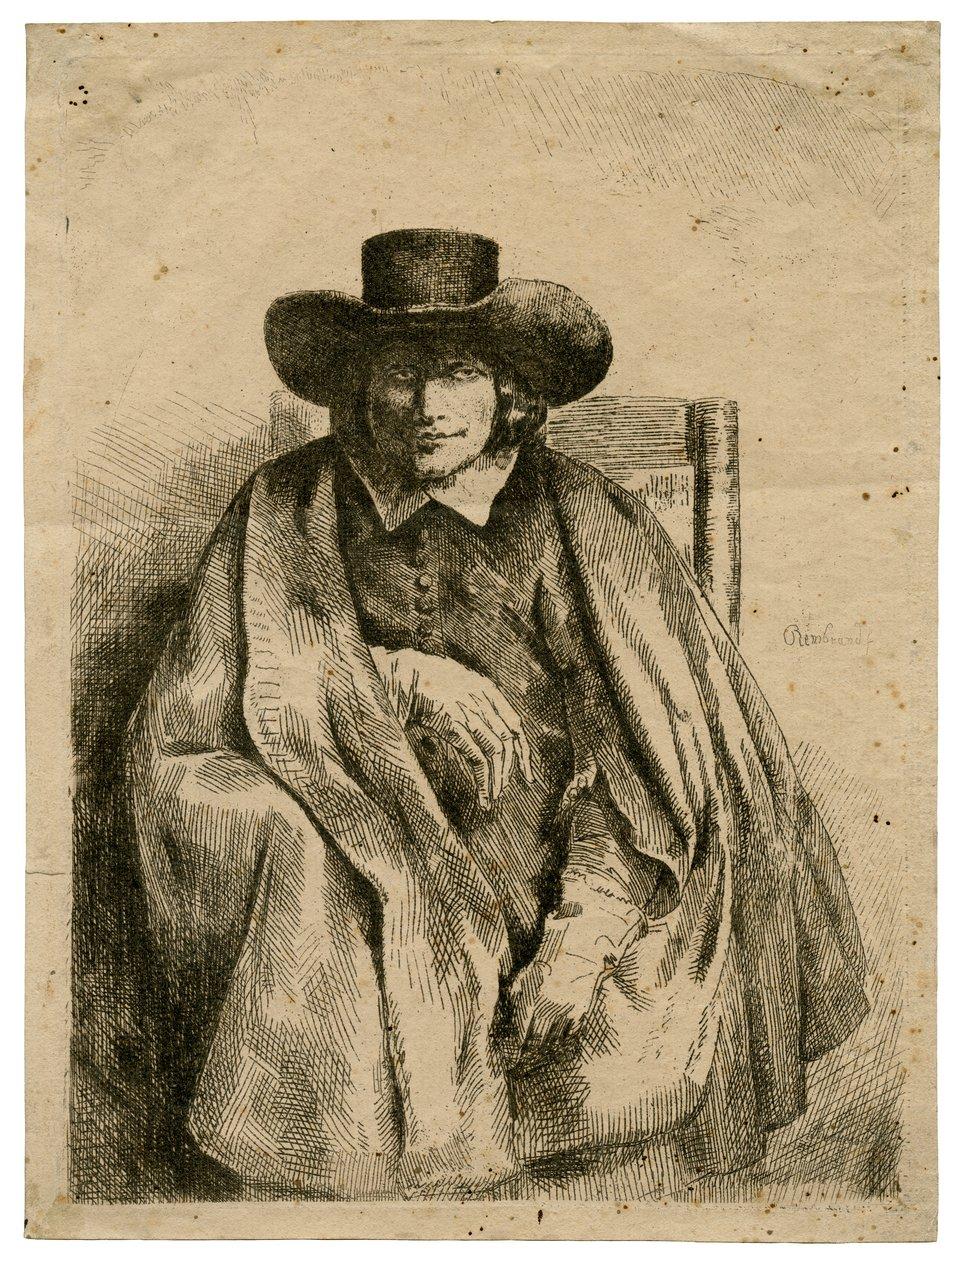 An Antique Etching Clemens De Johghe, Printseller By Rembrandt